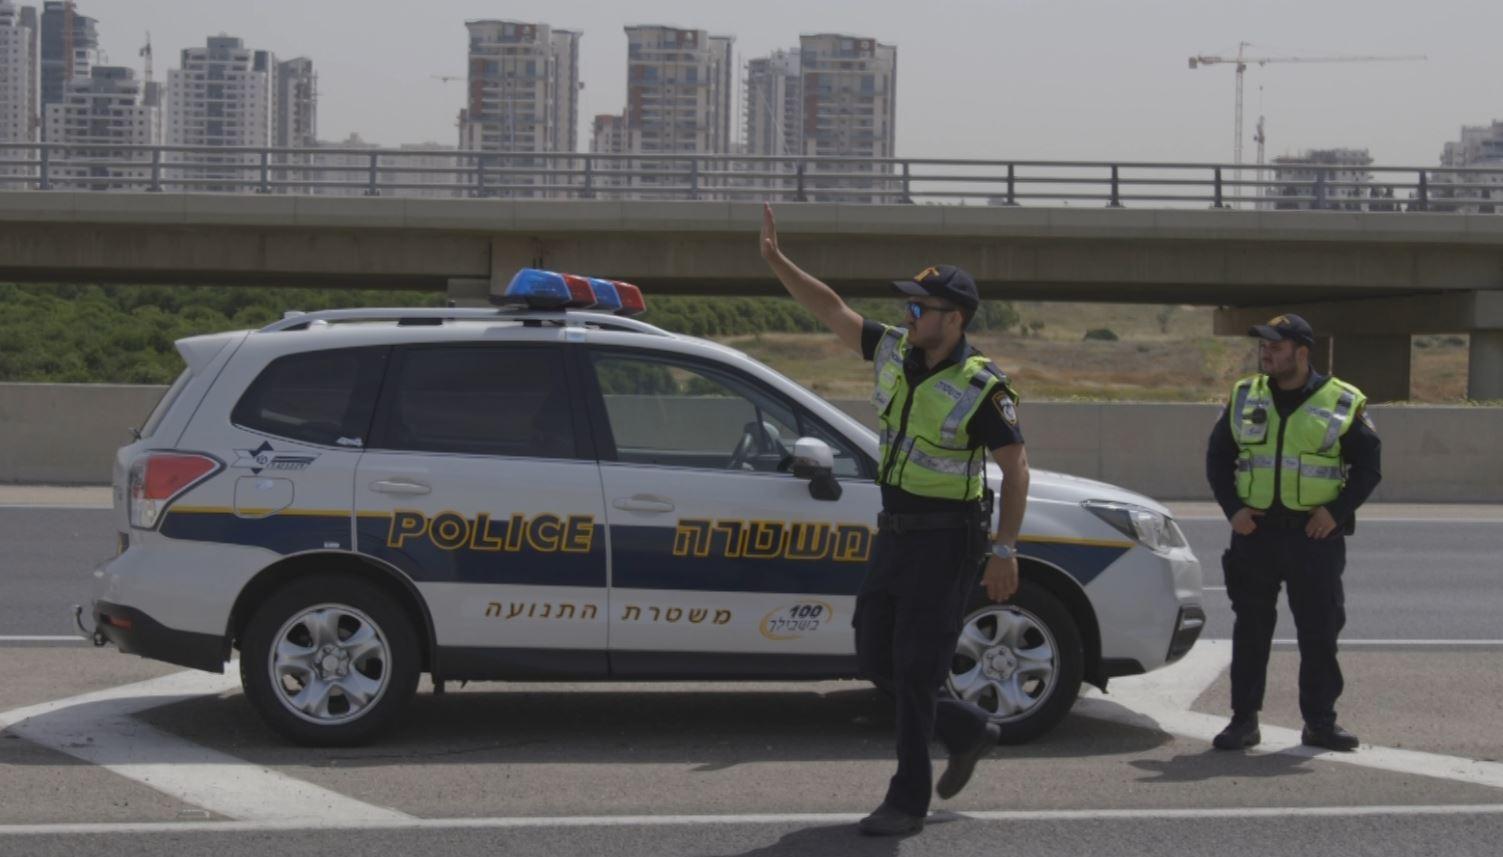 Photo of שוטר התנועה סייע לאישה, שכרעה ללדת ברכב בעלה, להגיע לבית החולים כשעצר את התנועה באיילון